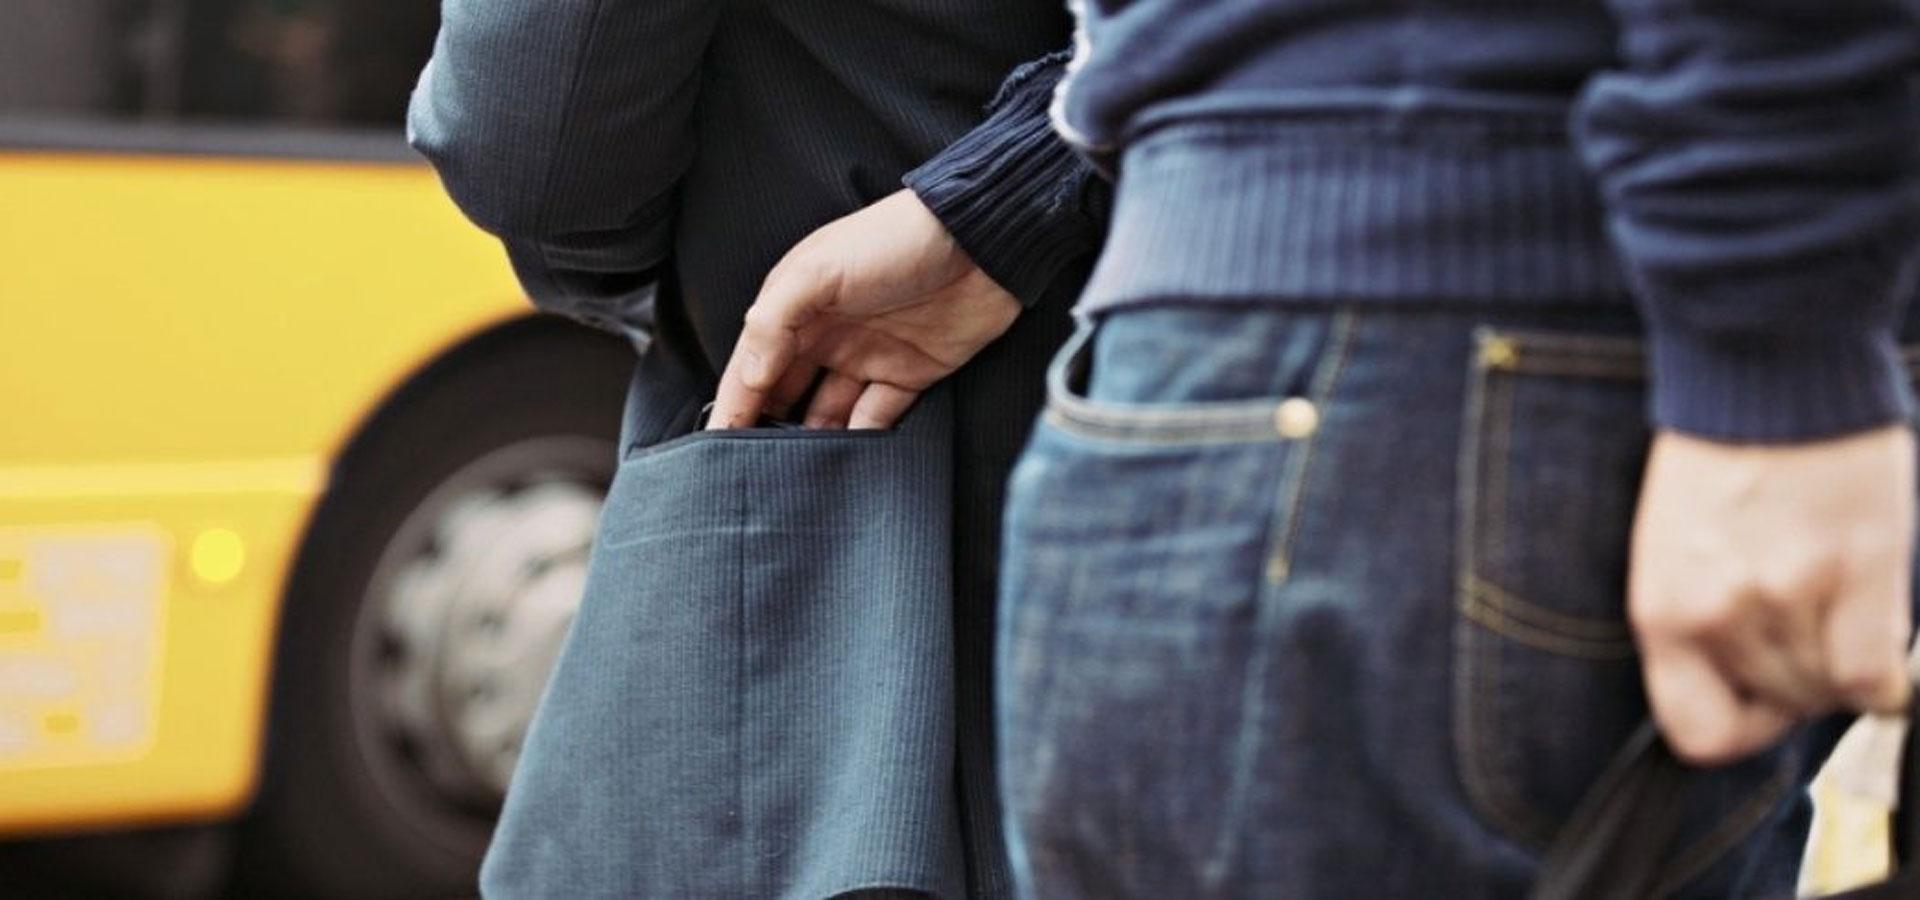 Транспортные полицейские раскрыли кражи на вокзалах Моздока и Владикавказа